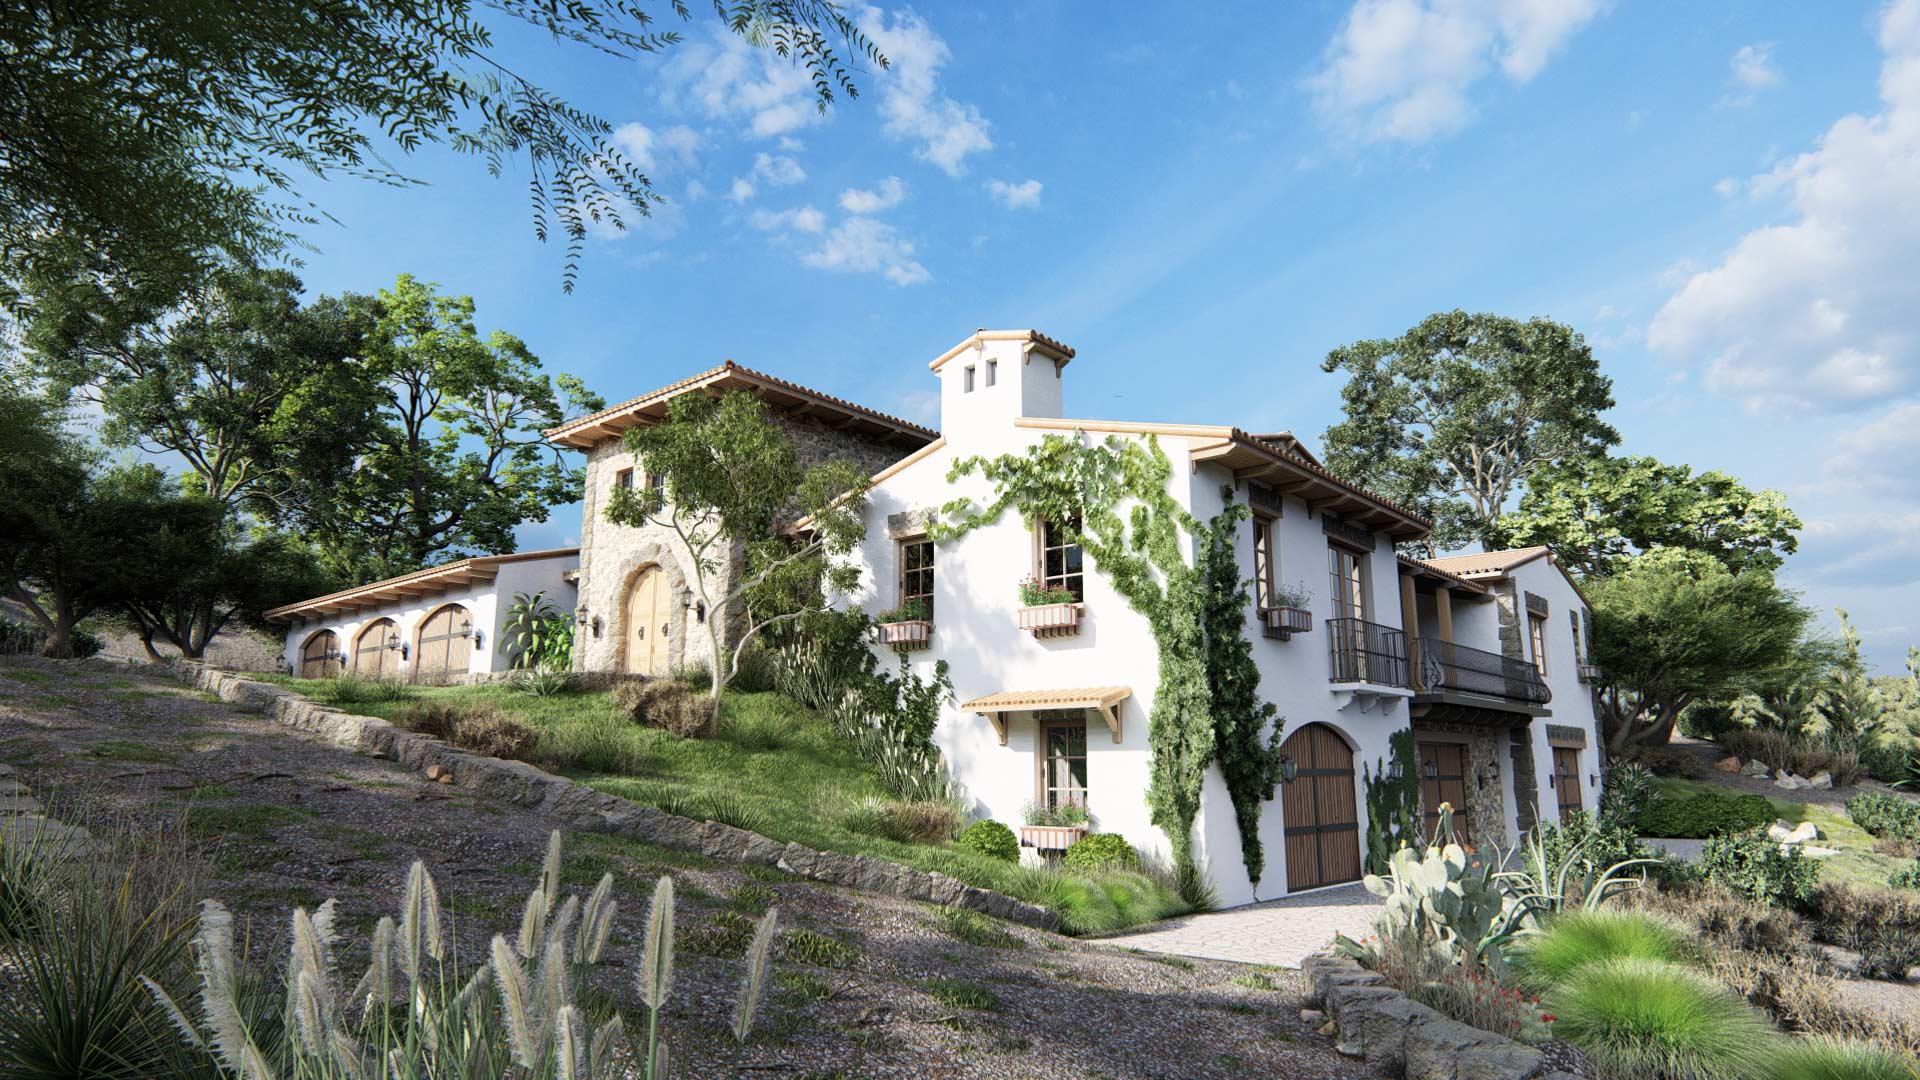 Italian-style-villa-1920x1080_Lumion10_TenOverStudio